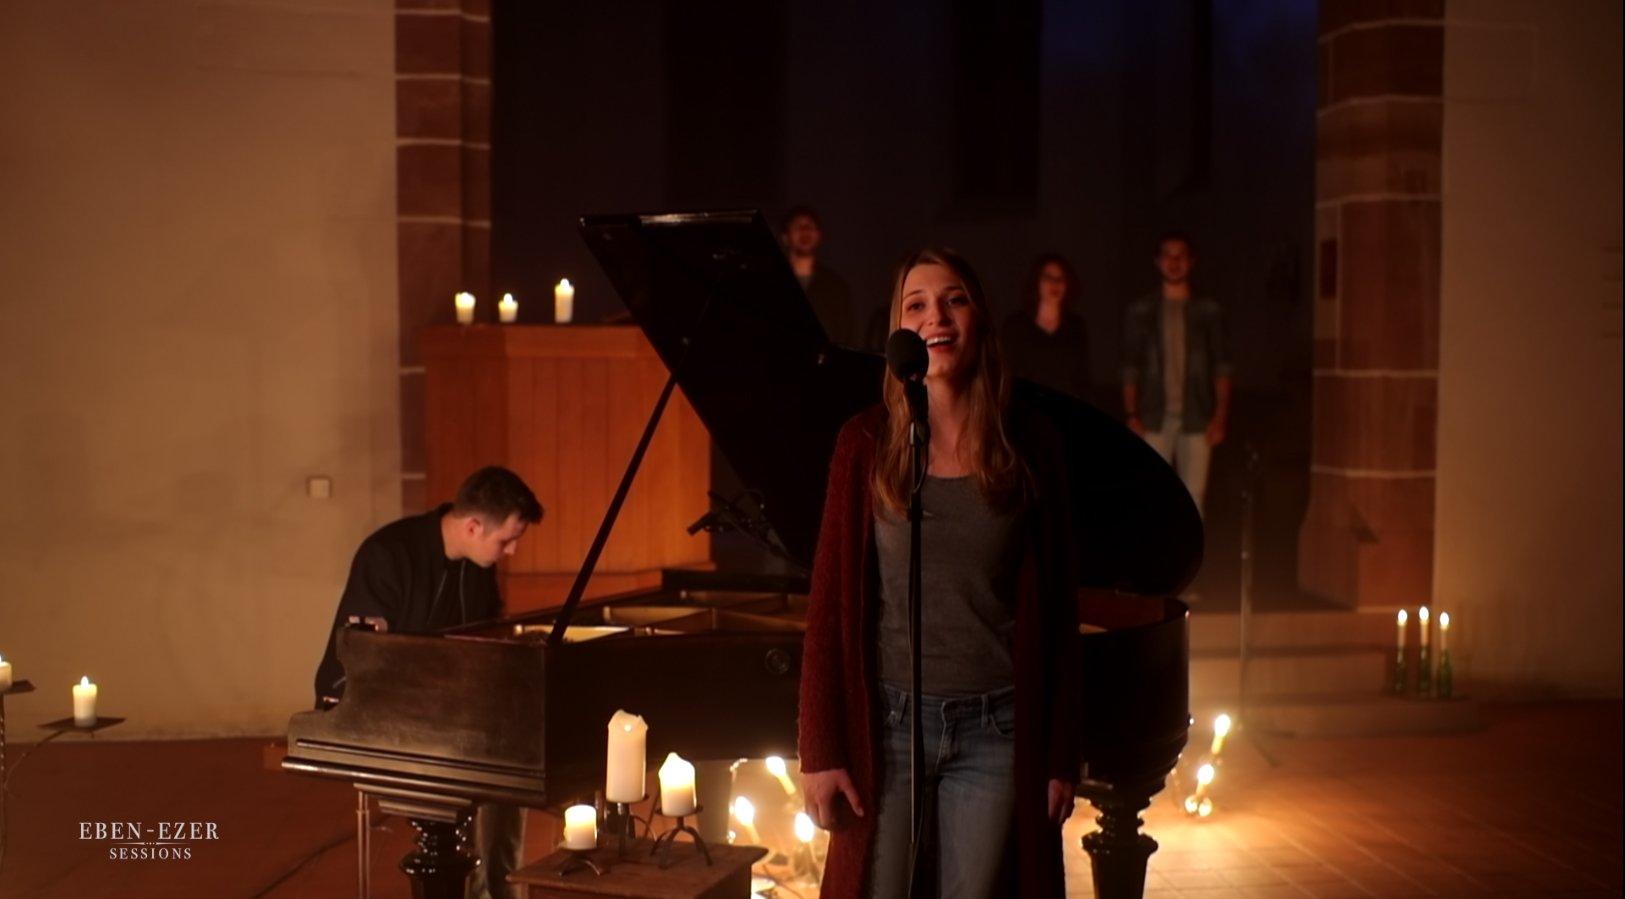 Eben-Ezer-Sessions: Carolin Feuchtmeyer trägt ihr Lied «You know» vor.